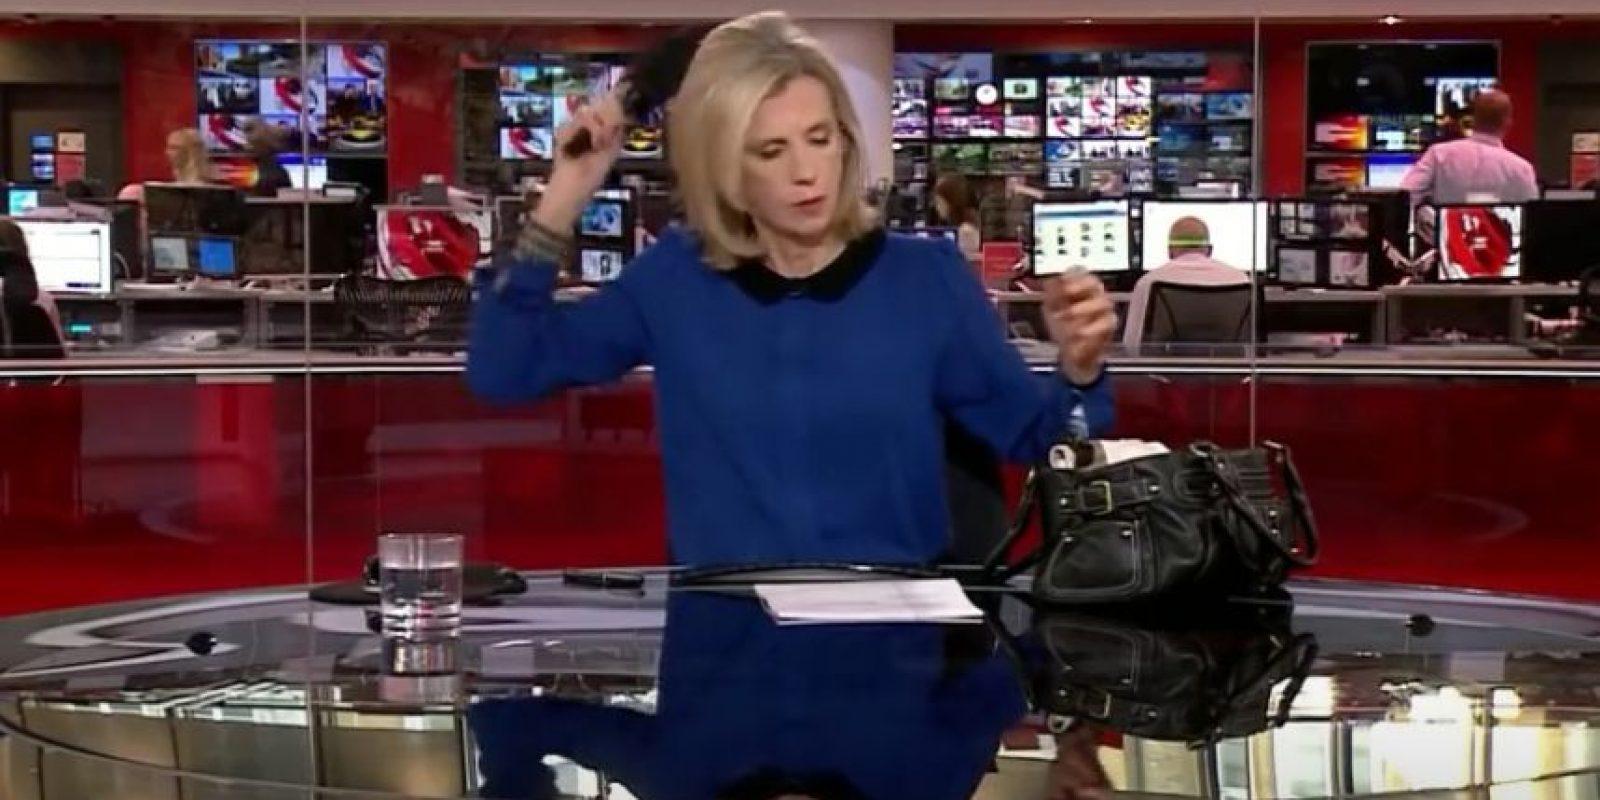 Carole Walker cepillando su cabello Foto:Vía Youtube